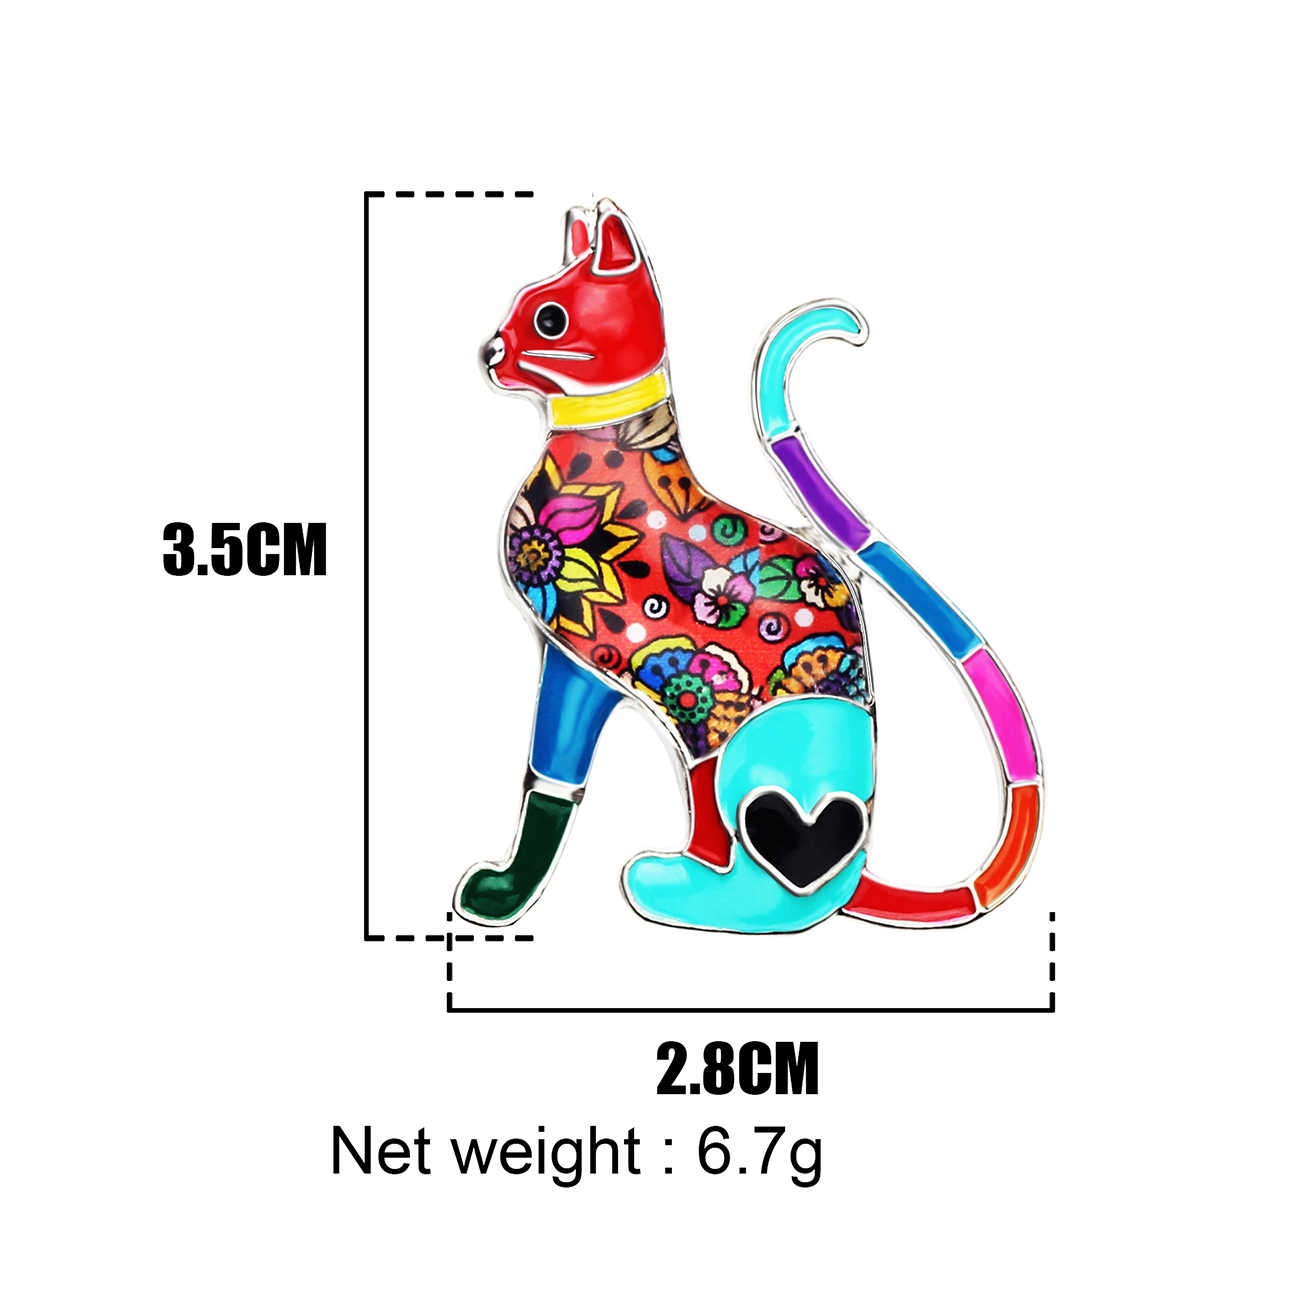 WEVENI Dello Smalto Della Lega del Gatto Spille Monili di Modo Animale Spille Per Le Donne Vestiti Delle Ragazze del Vestito Sciarpa Decorazione Bijoux Accessori Nuovo